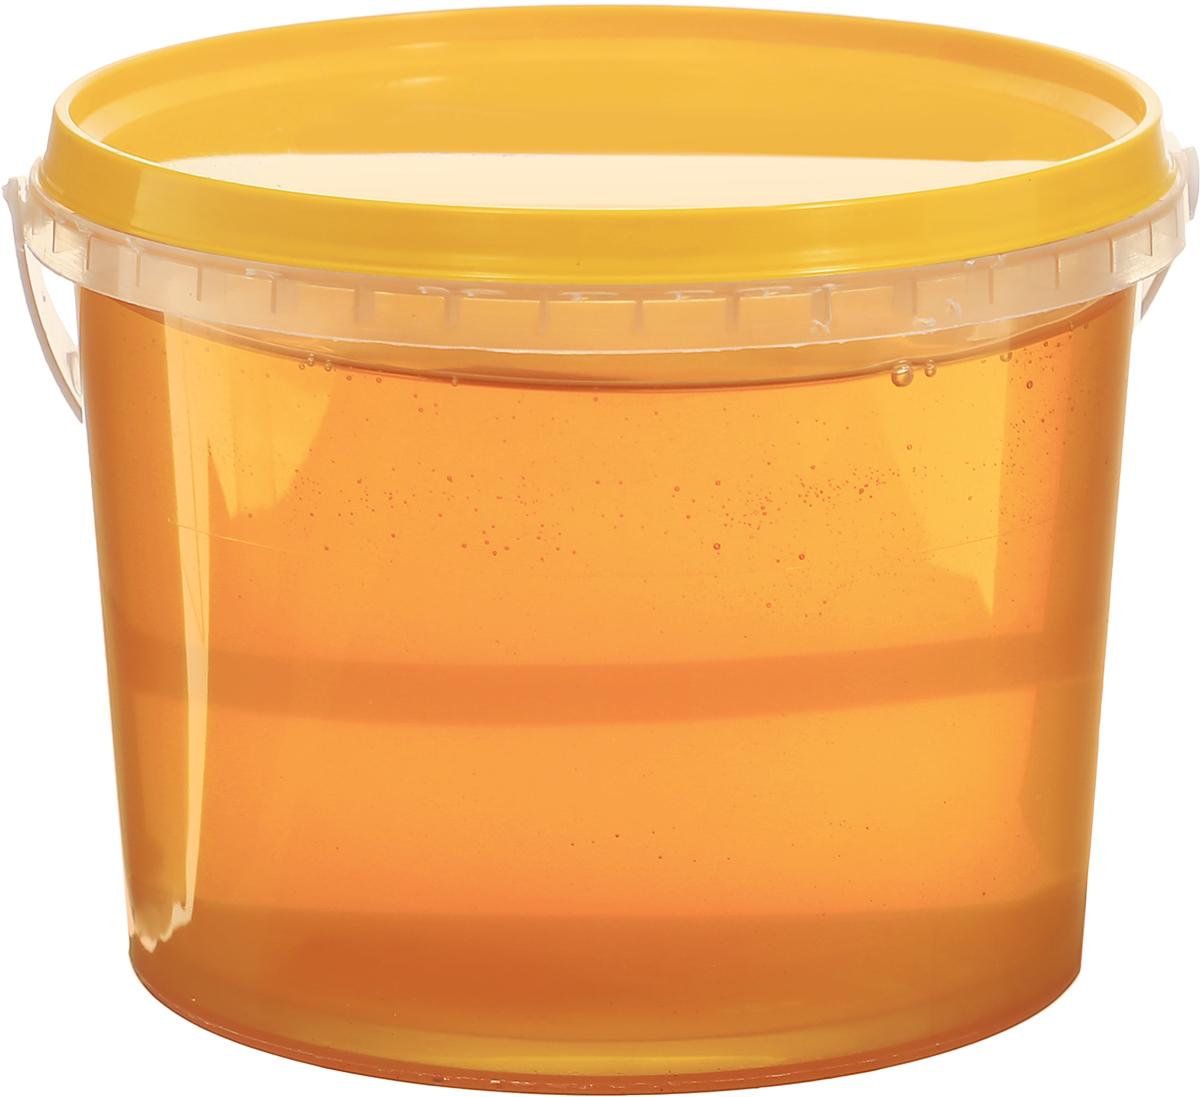 Медовед мед натуральный разнотравье, 1 кг4627123647507Разнотравье - это луговое, степное, посевное разнотравье. Обилие трав, цветов, кустарников: гречиха, эспарцет, донник, подсолнух, одуванчик, медуница, ромашка. Мед имеет ярко выраженный вкус и аромат, с преобладанием доминирующего медоноса.Название меда говорит само за себя. Зачастую в таком меде присутствует нектар, собранный и переработанный со многих растений, придающих меду специфический аромат и вкус. Цвет его может быть от светло-желтого до темного, аромат и вкус - от нежного слабого до резкого, кристаллизация от салообразной до крупнозернистой.Показания к применению: при воспалительных заболеваниях кожи, для лечения гноящихся ран. Мед обладает успокаивающим действием на центральную нервную систему, улучшает деятельность сердца. Применяется как кровоочистительное и успокаивающее средство, при хроническом бронхите, при беспокойстве и одышке, при простудных заболеваниях, для укрепления иммунитета.